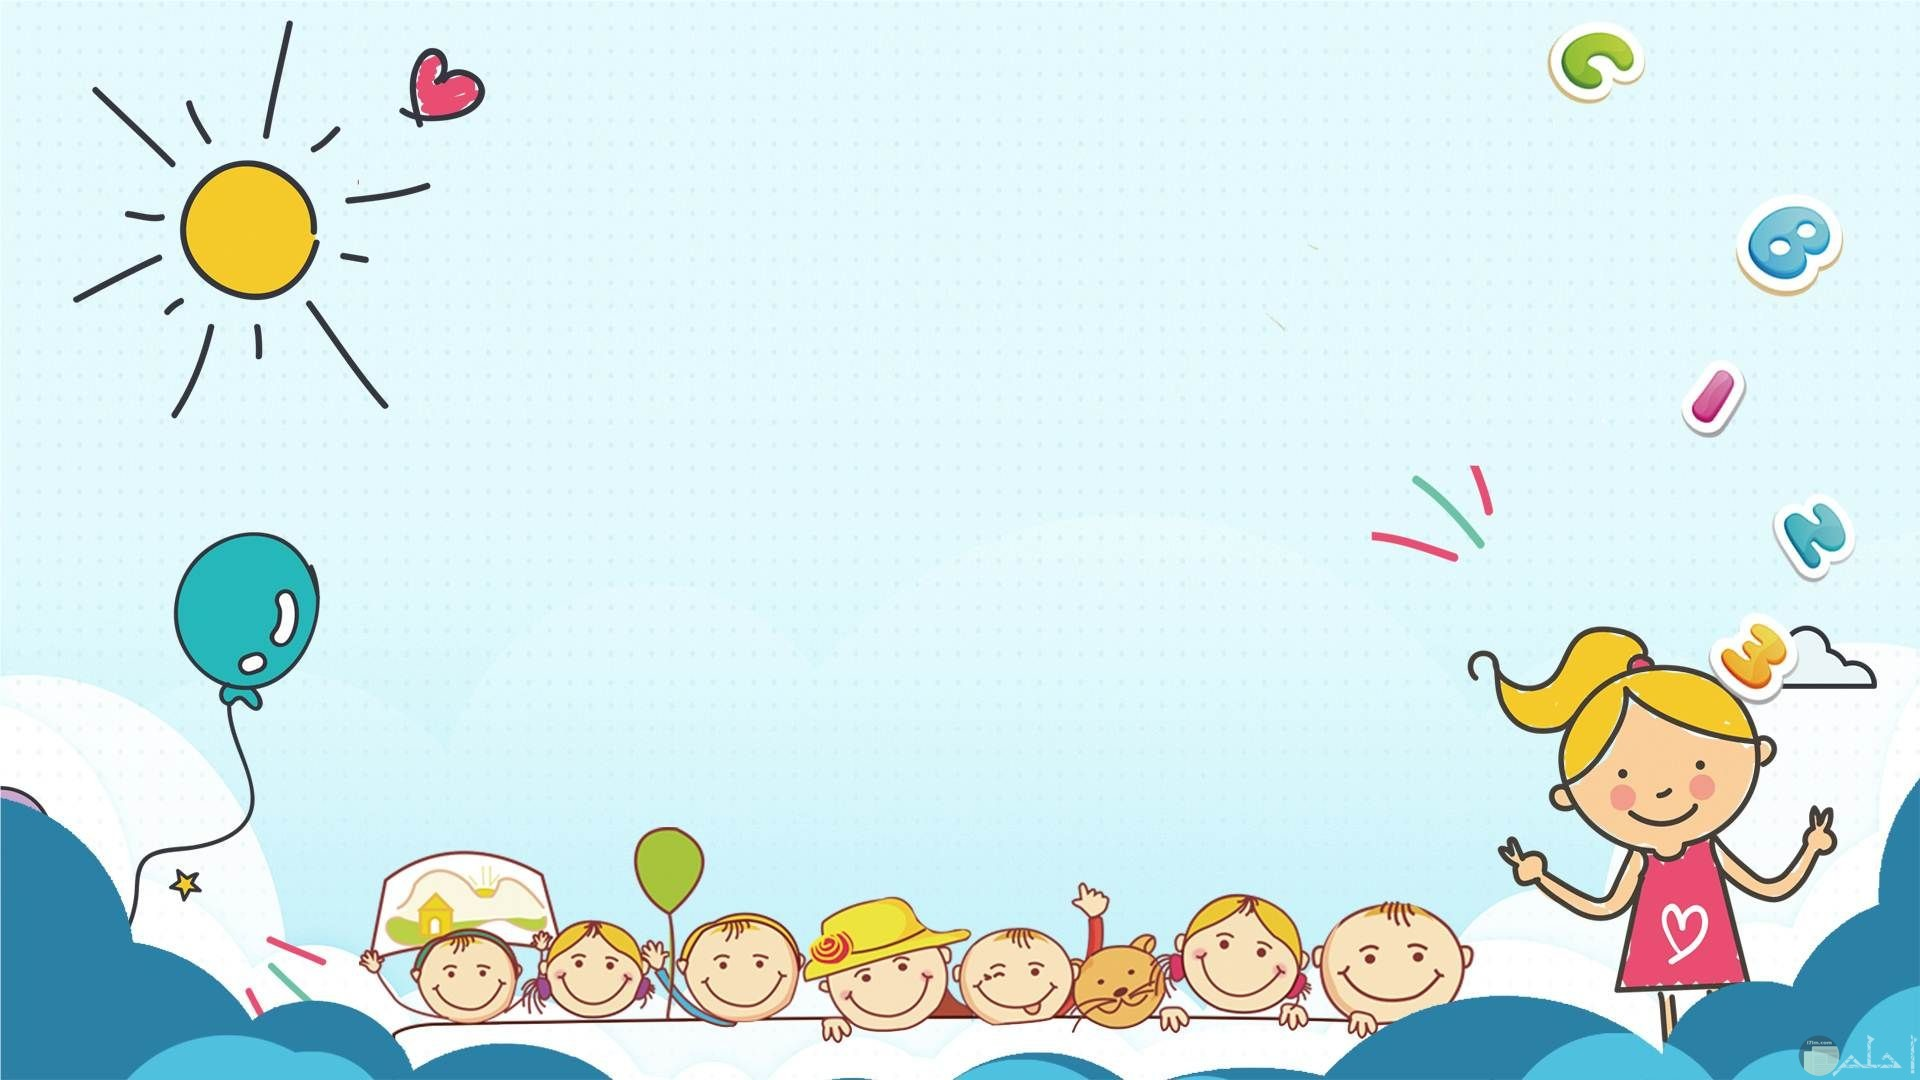 خلفية كرتونية للأطفال